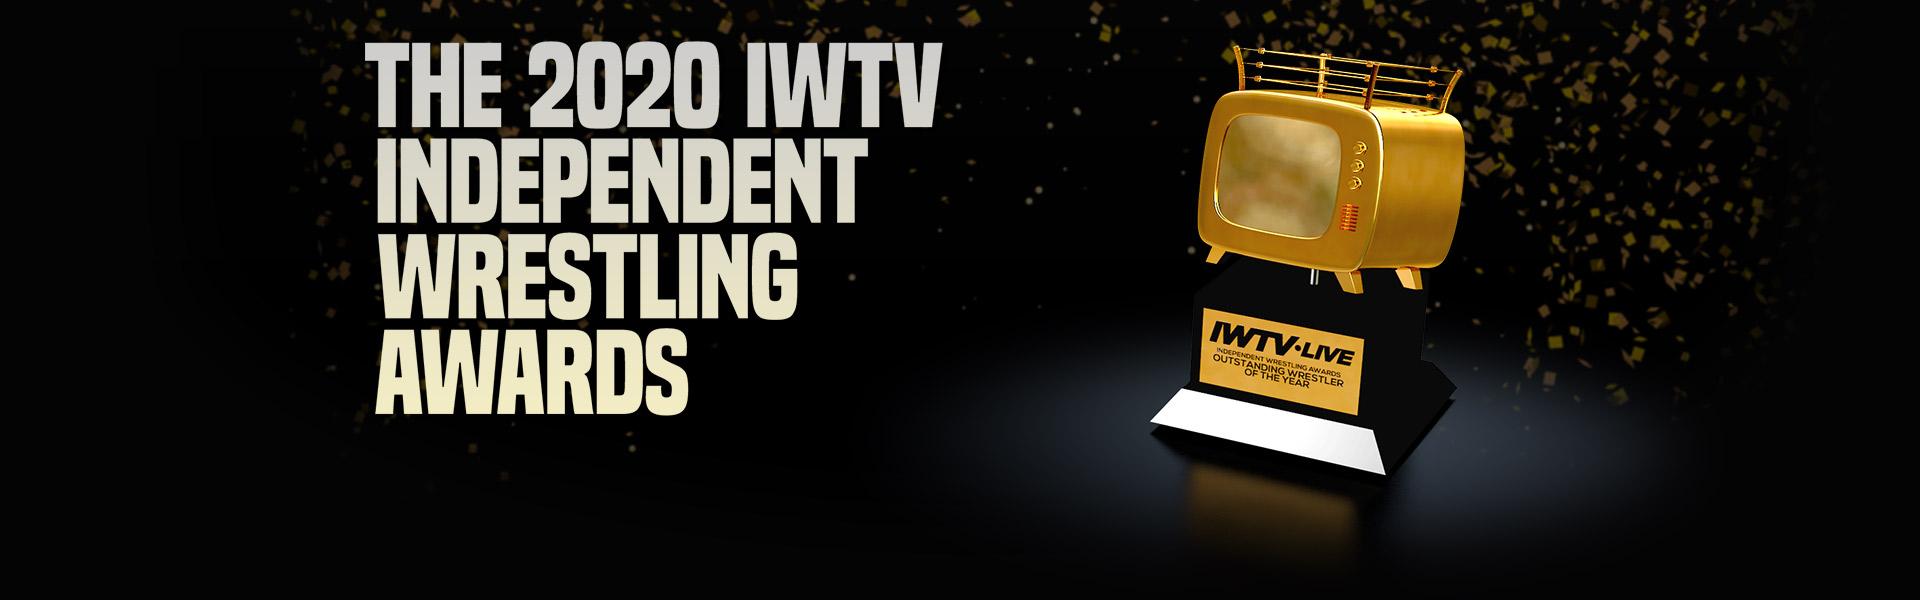 The 2020 IWTV Independent Wrestling Awards